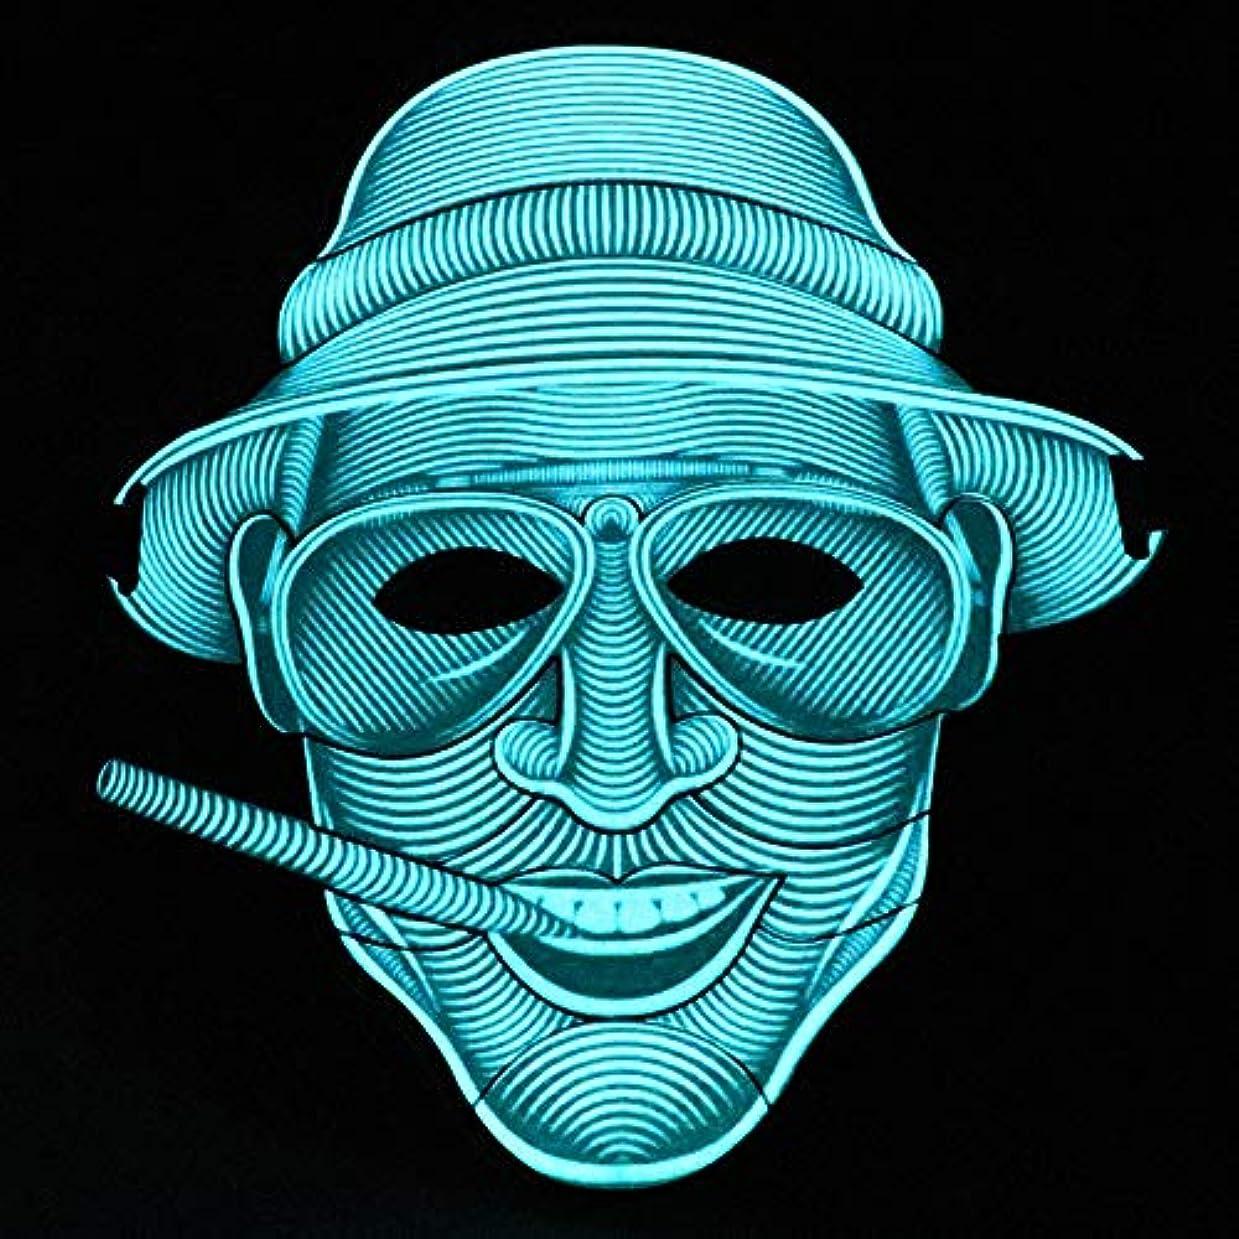 気楽な議論する安全な照らされたマスクLED創造的な冷光音響制御マスクハロウィンバーフェスティバルダンスマスク (Color : #19)